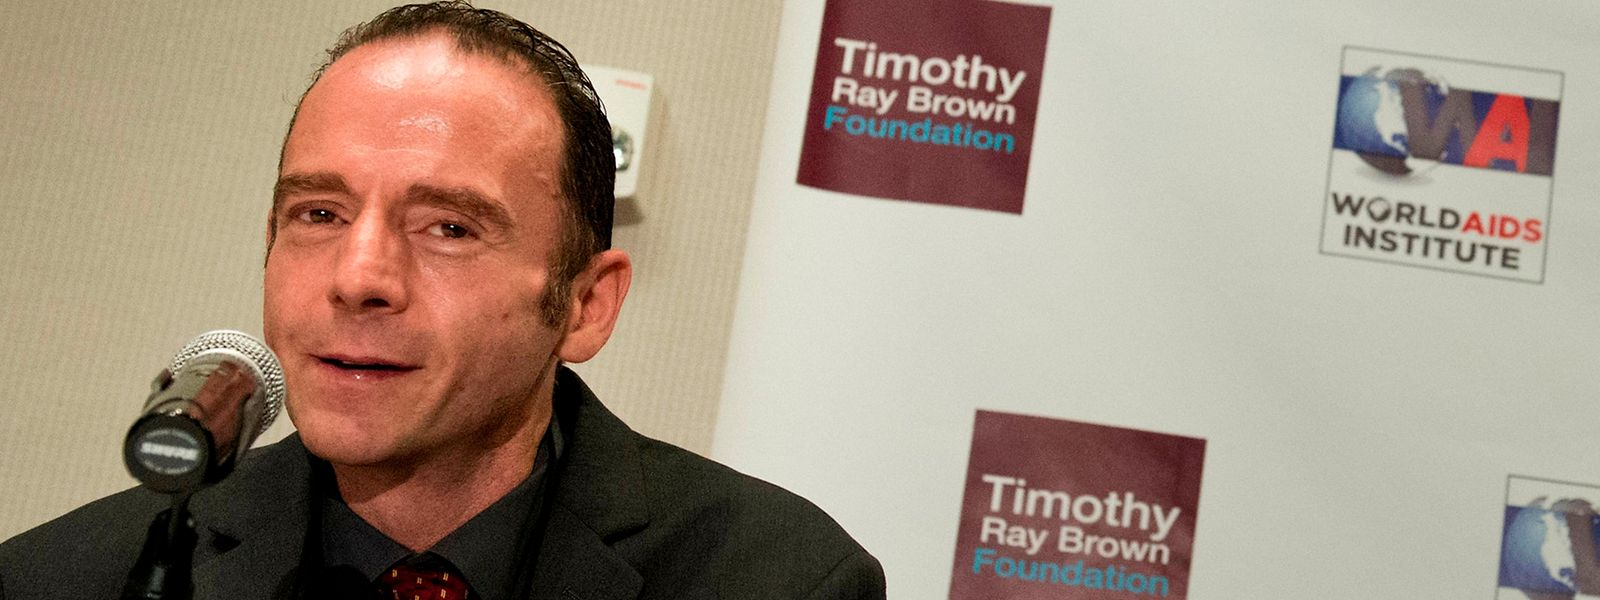 Timothy R. Brown wurde 53 Jahre alt.